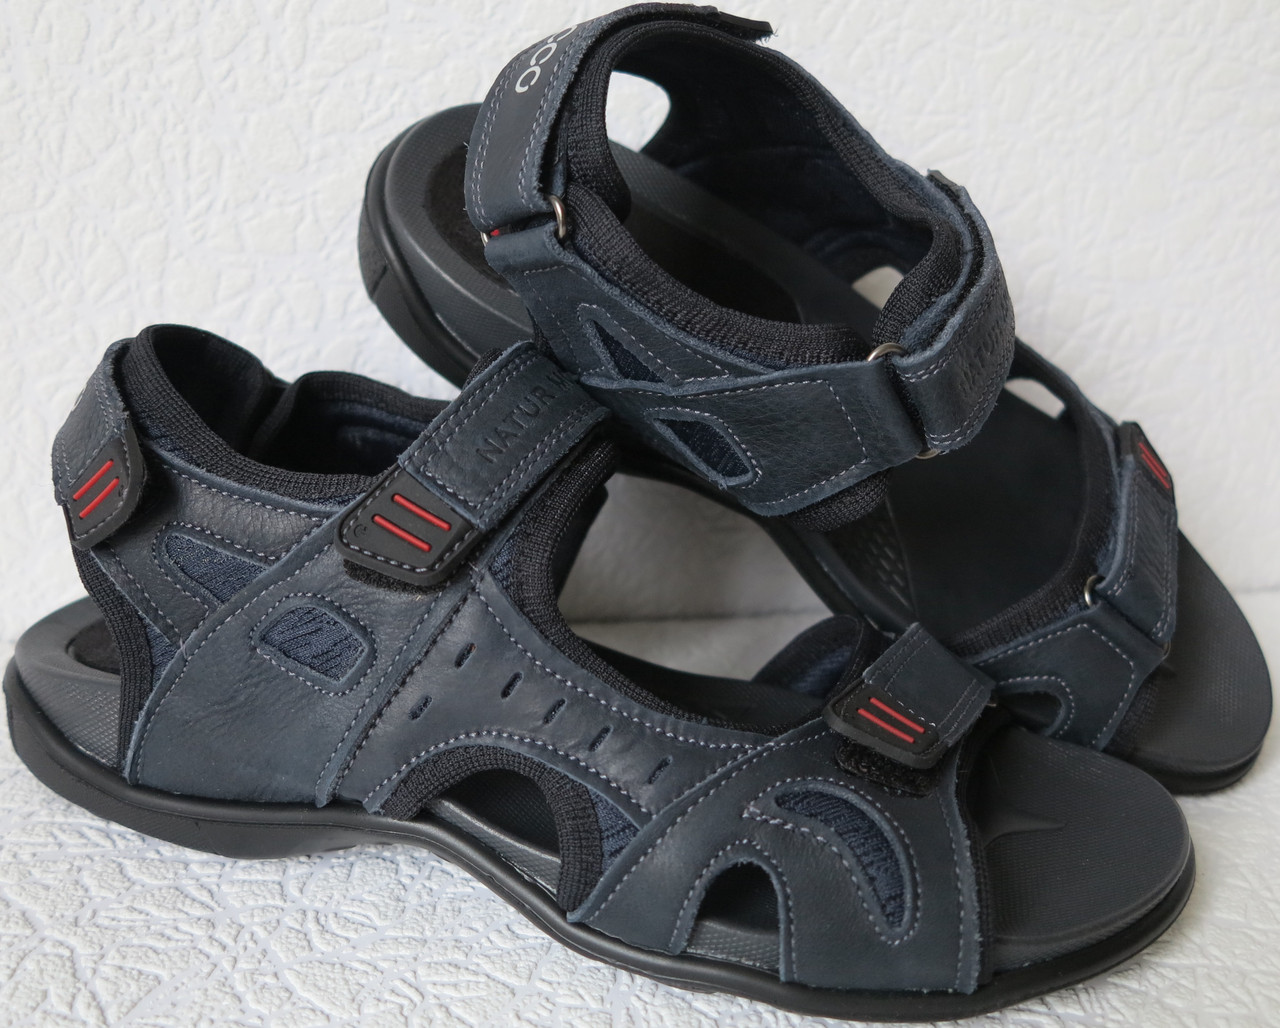 f10cd077c Ессо biom! Детские сандалии синяя кожа качественная реплика босоножки Экко  биом - Trendy-brendy